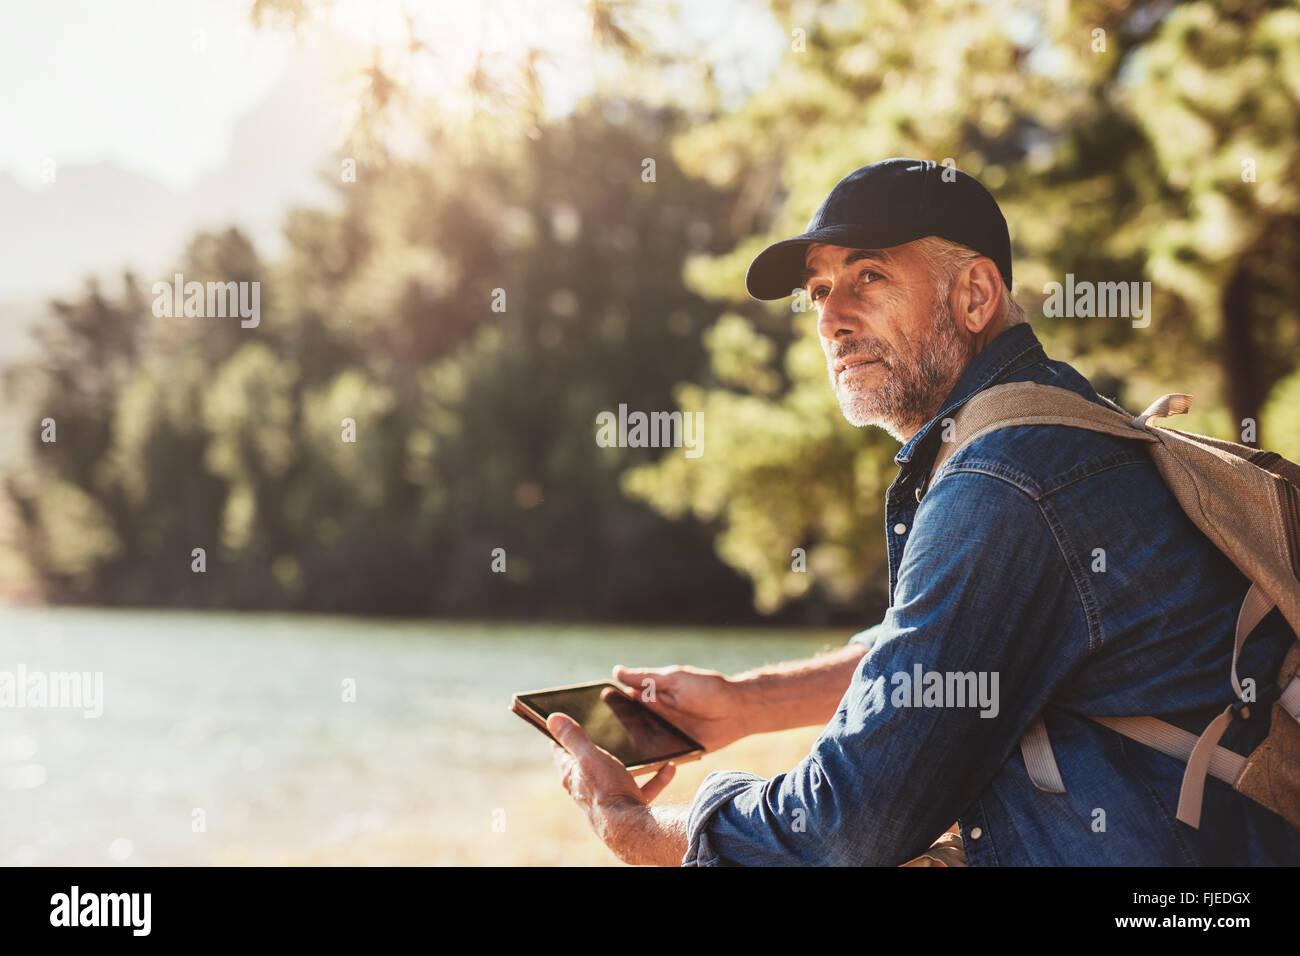 Ritratto di senior uomo seduto vicino a un lago con zaino e digitale compressa. Maschio maturo escursionista seduto Immagini Stock